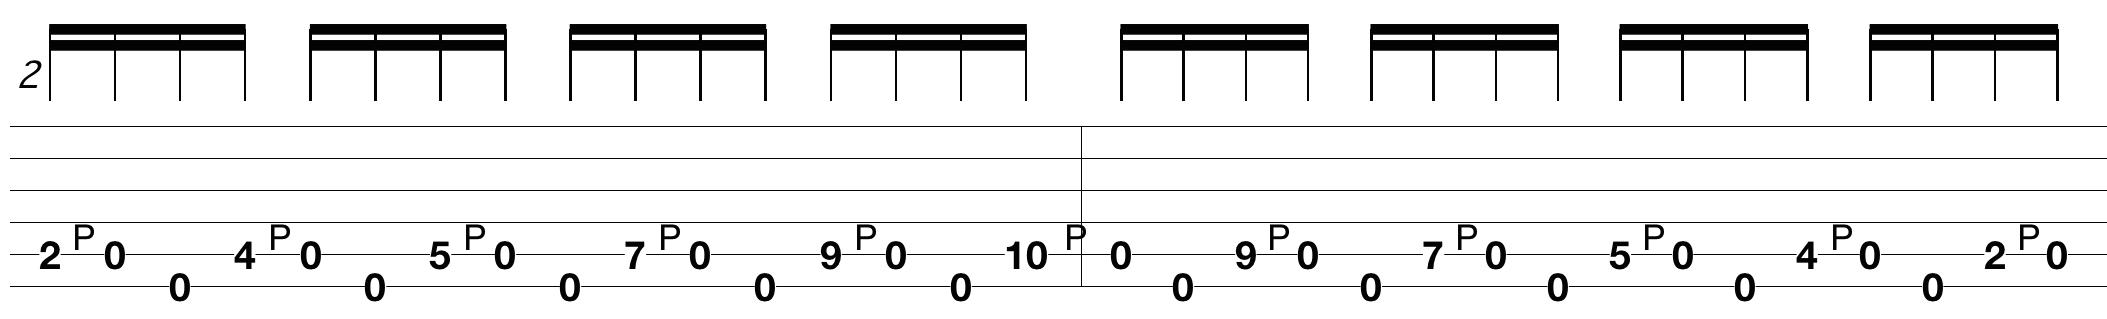 best-rock-guitar-riffs_3.png